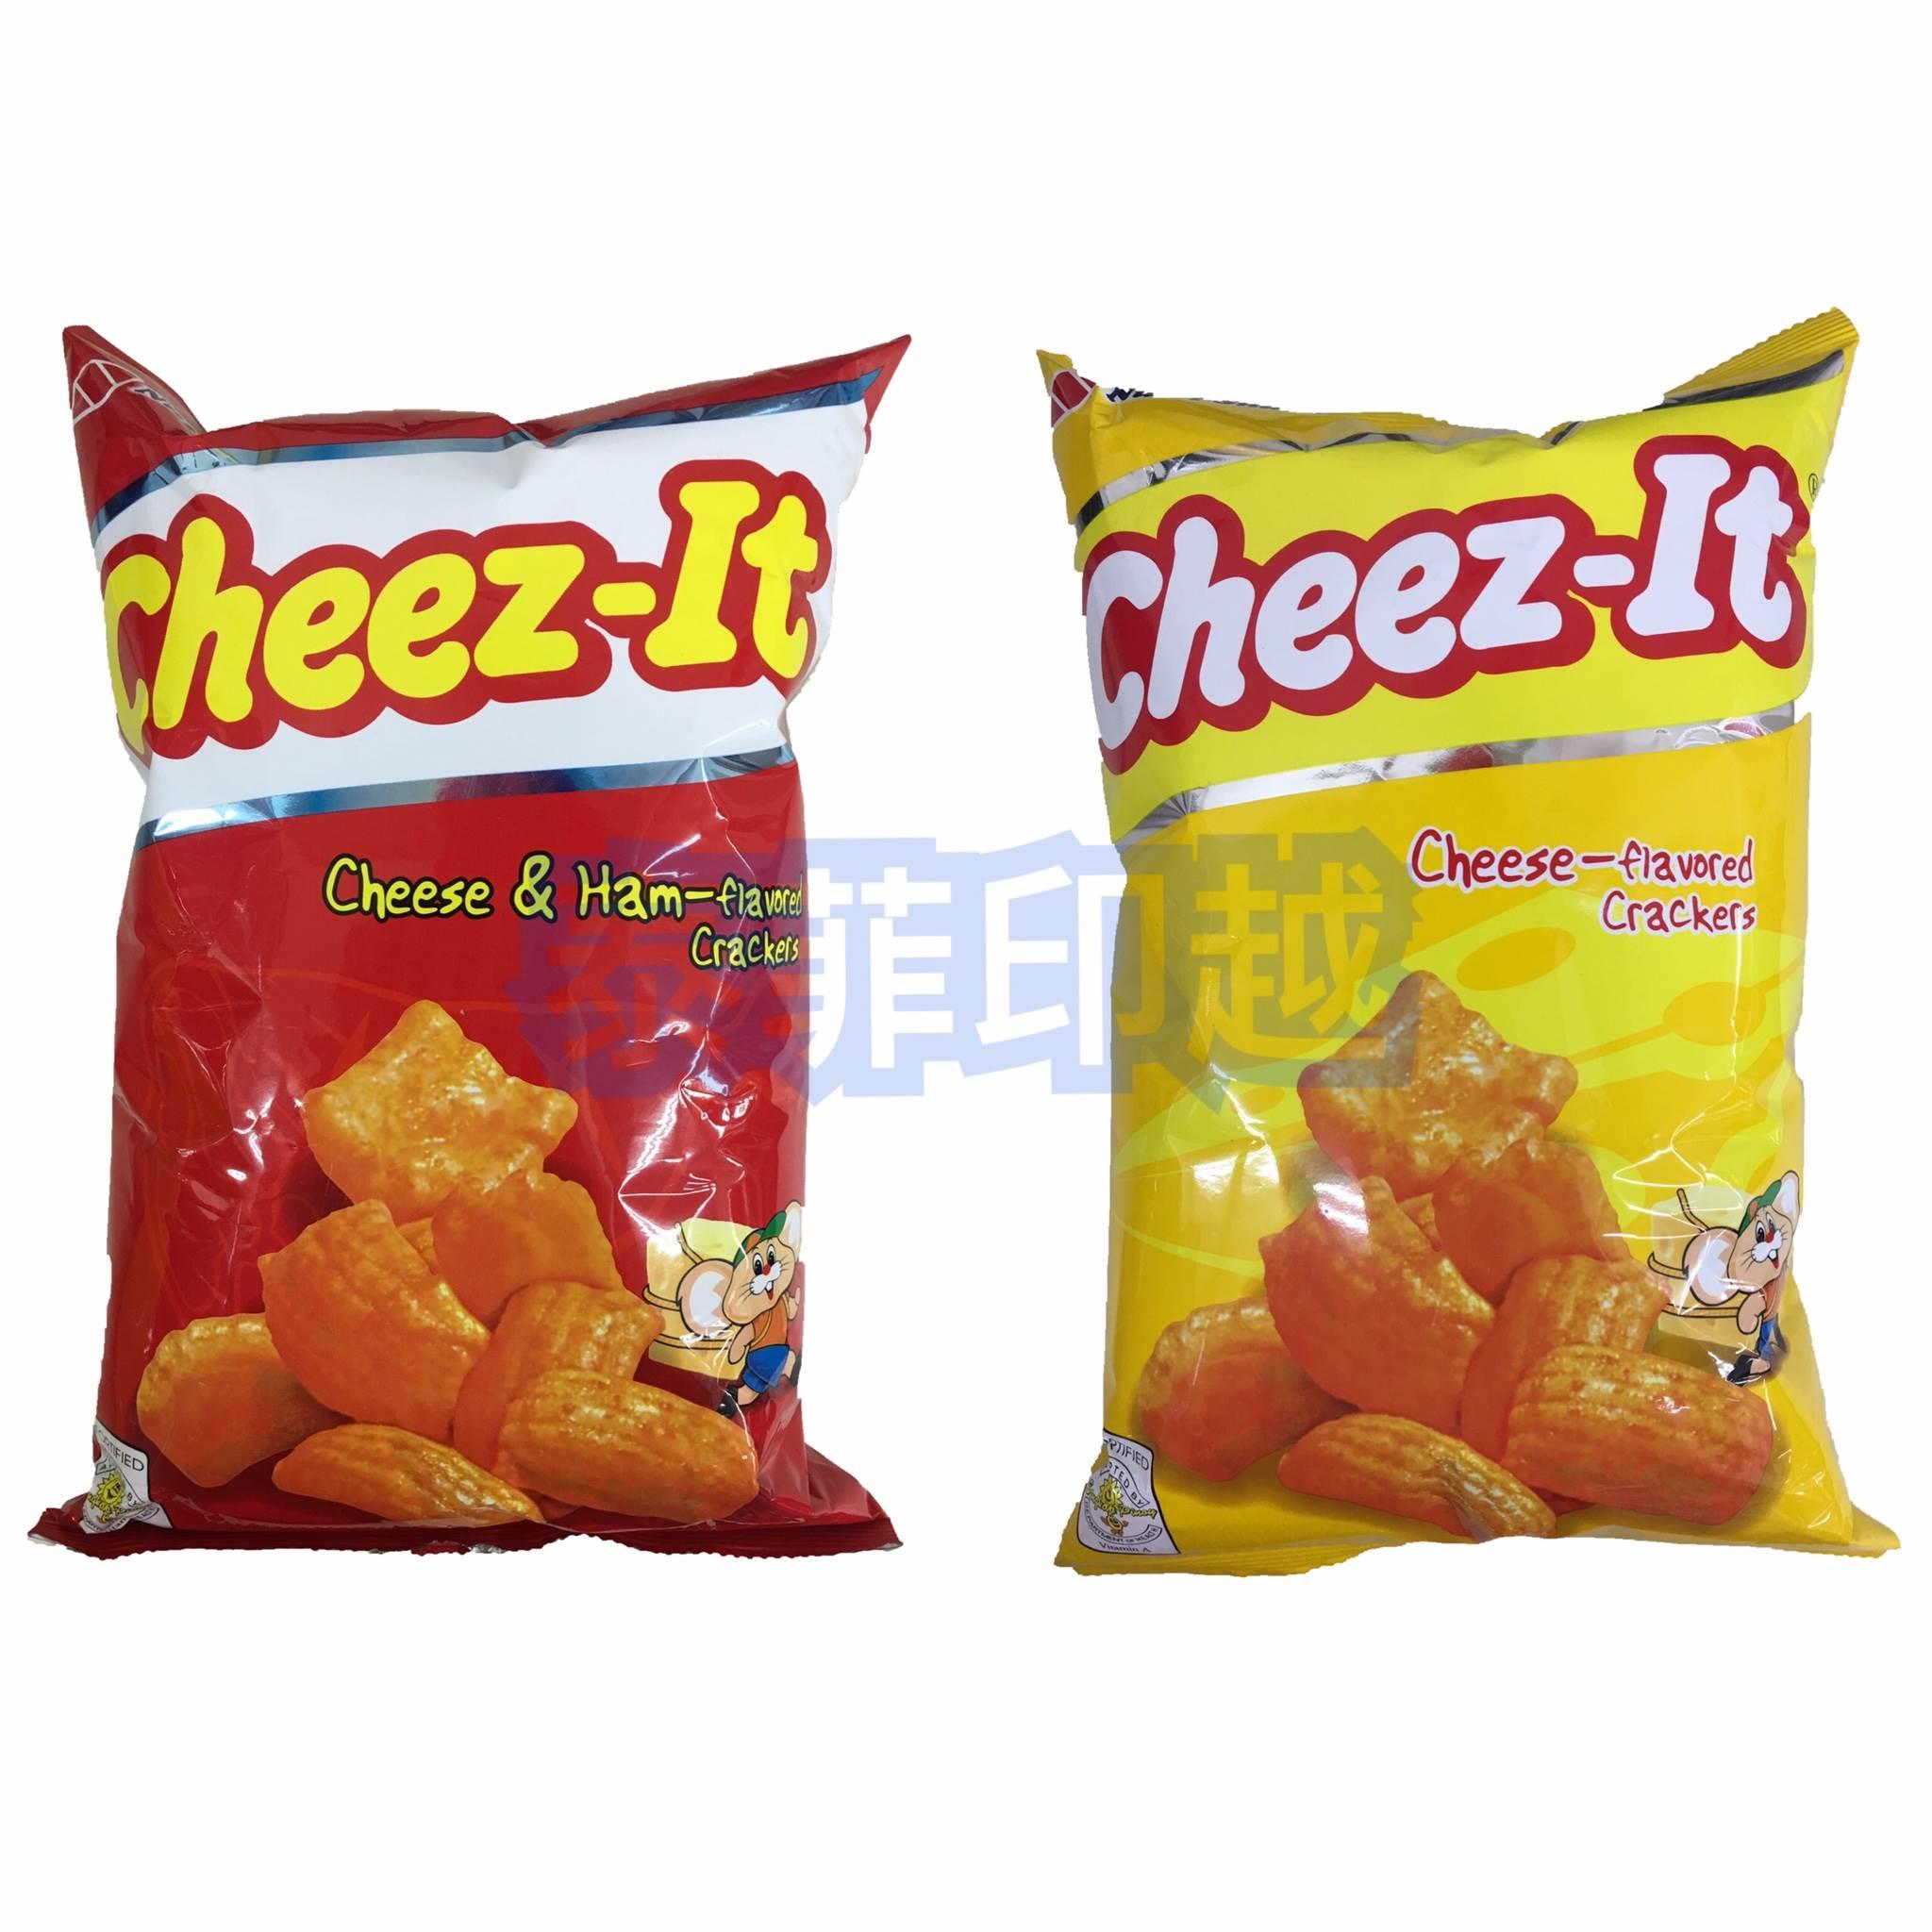 菲律賓 CHEEZ-IT 起司 火腿起司 風味餅乾